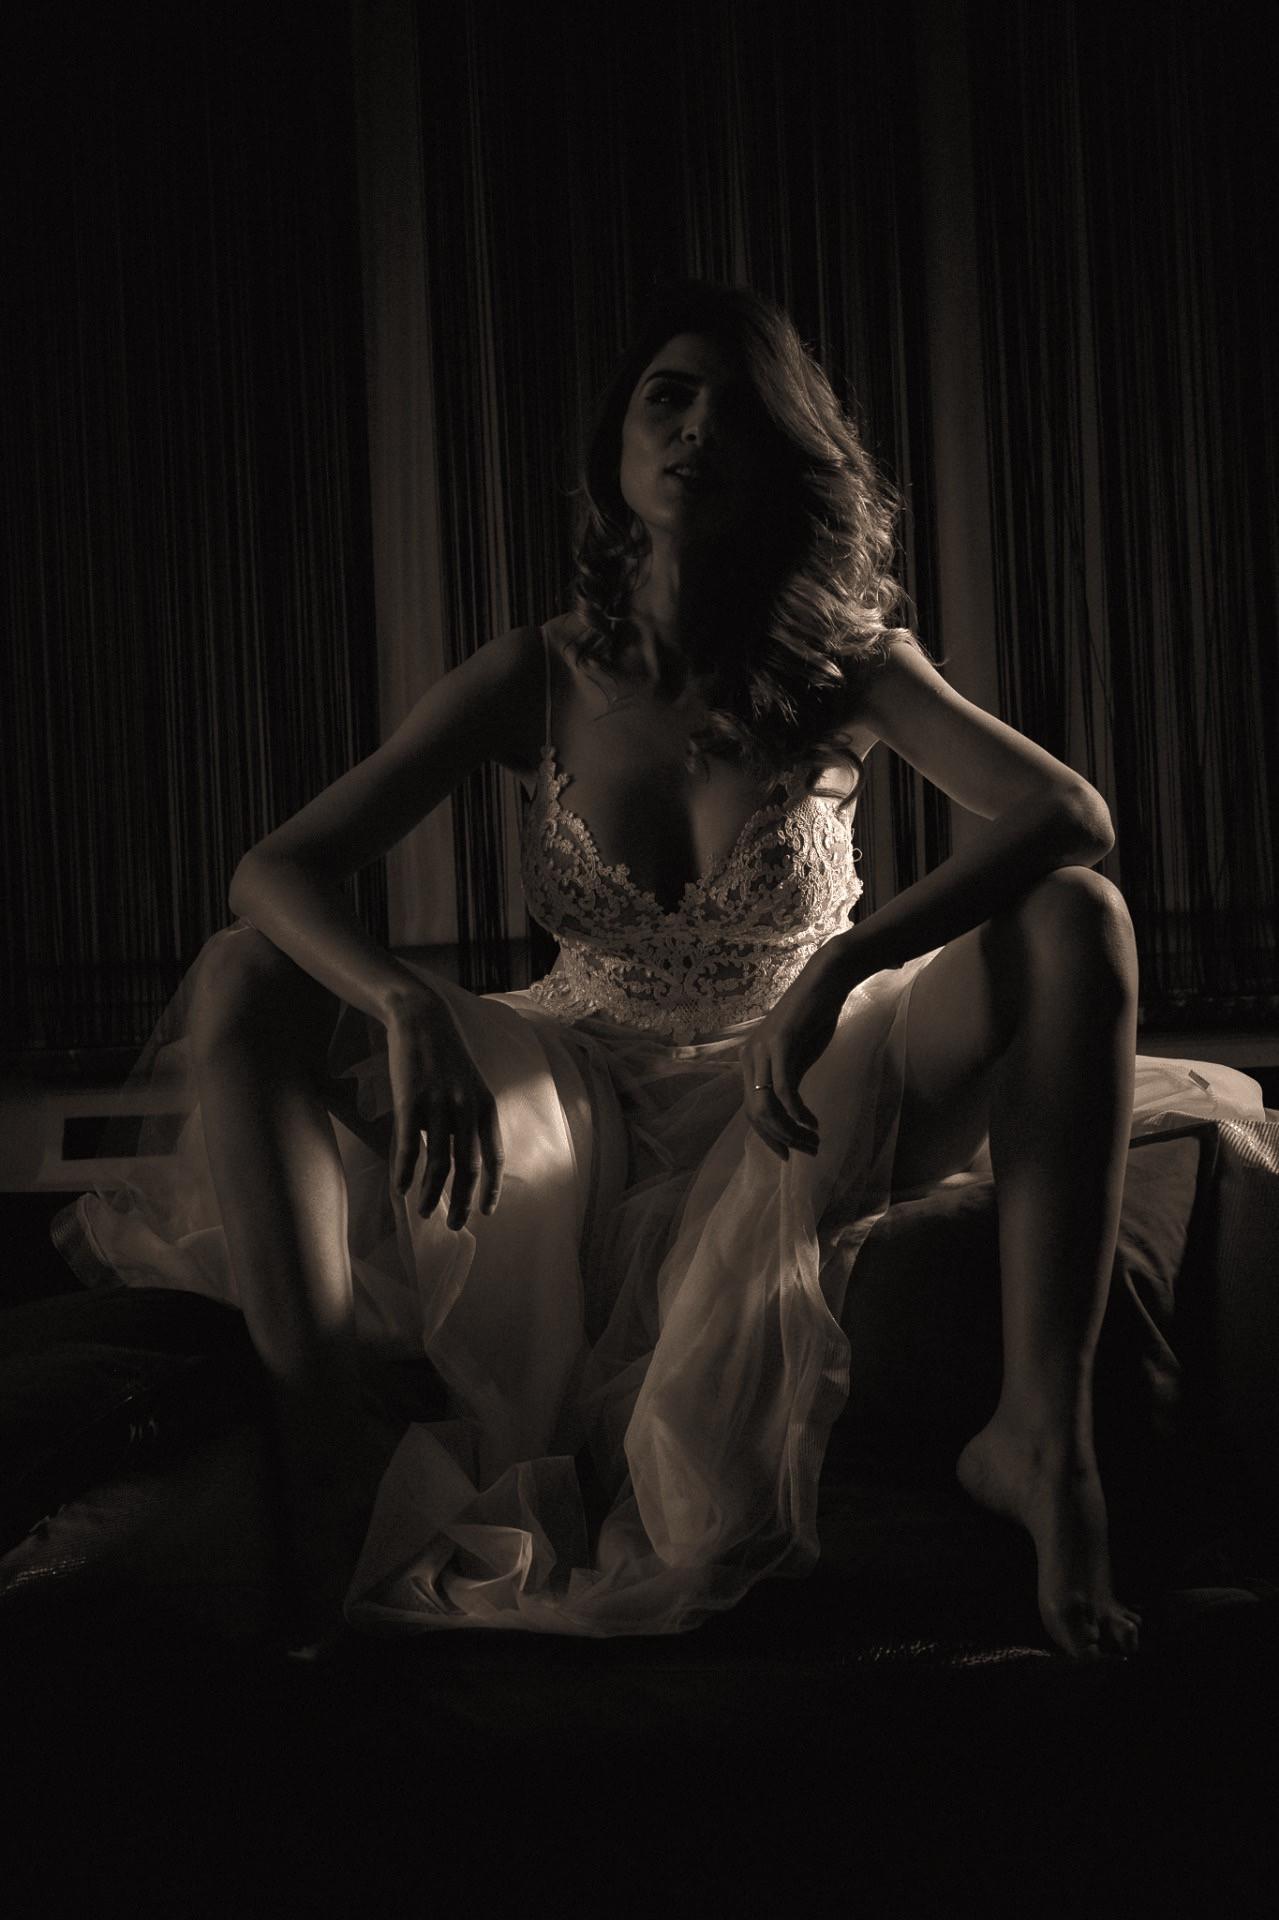 Sofia_darna_blac&white.jpg